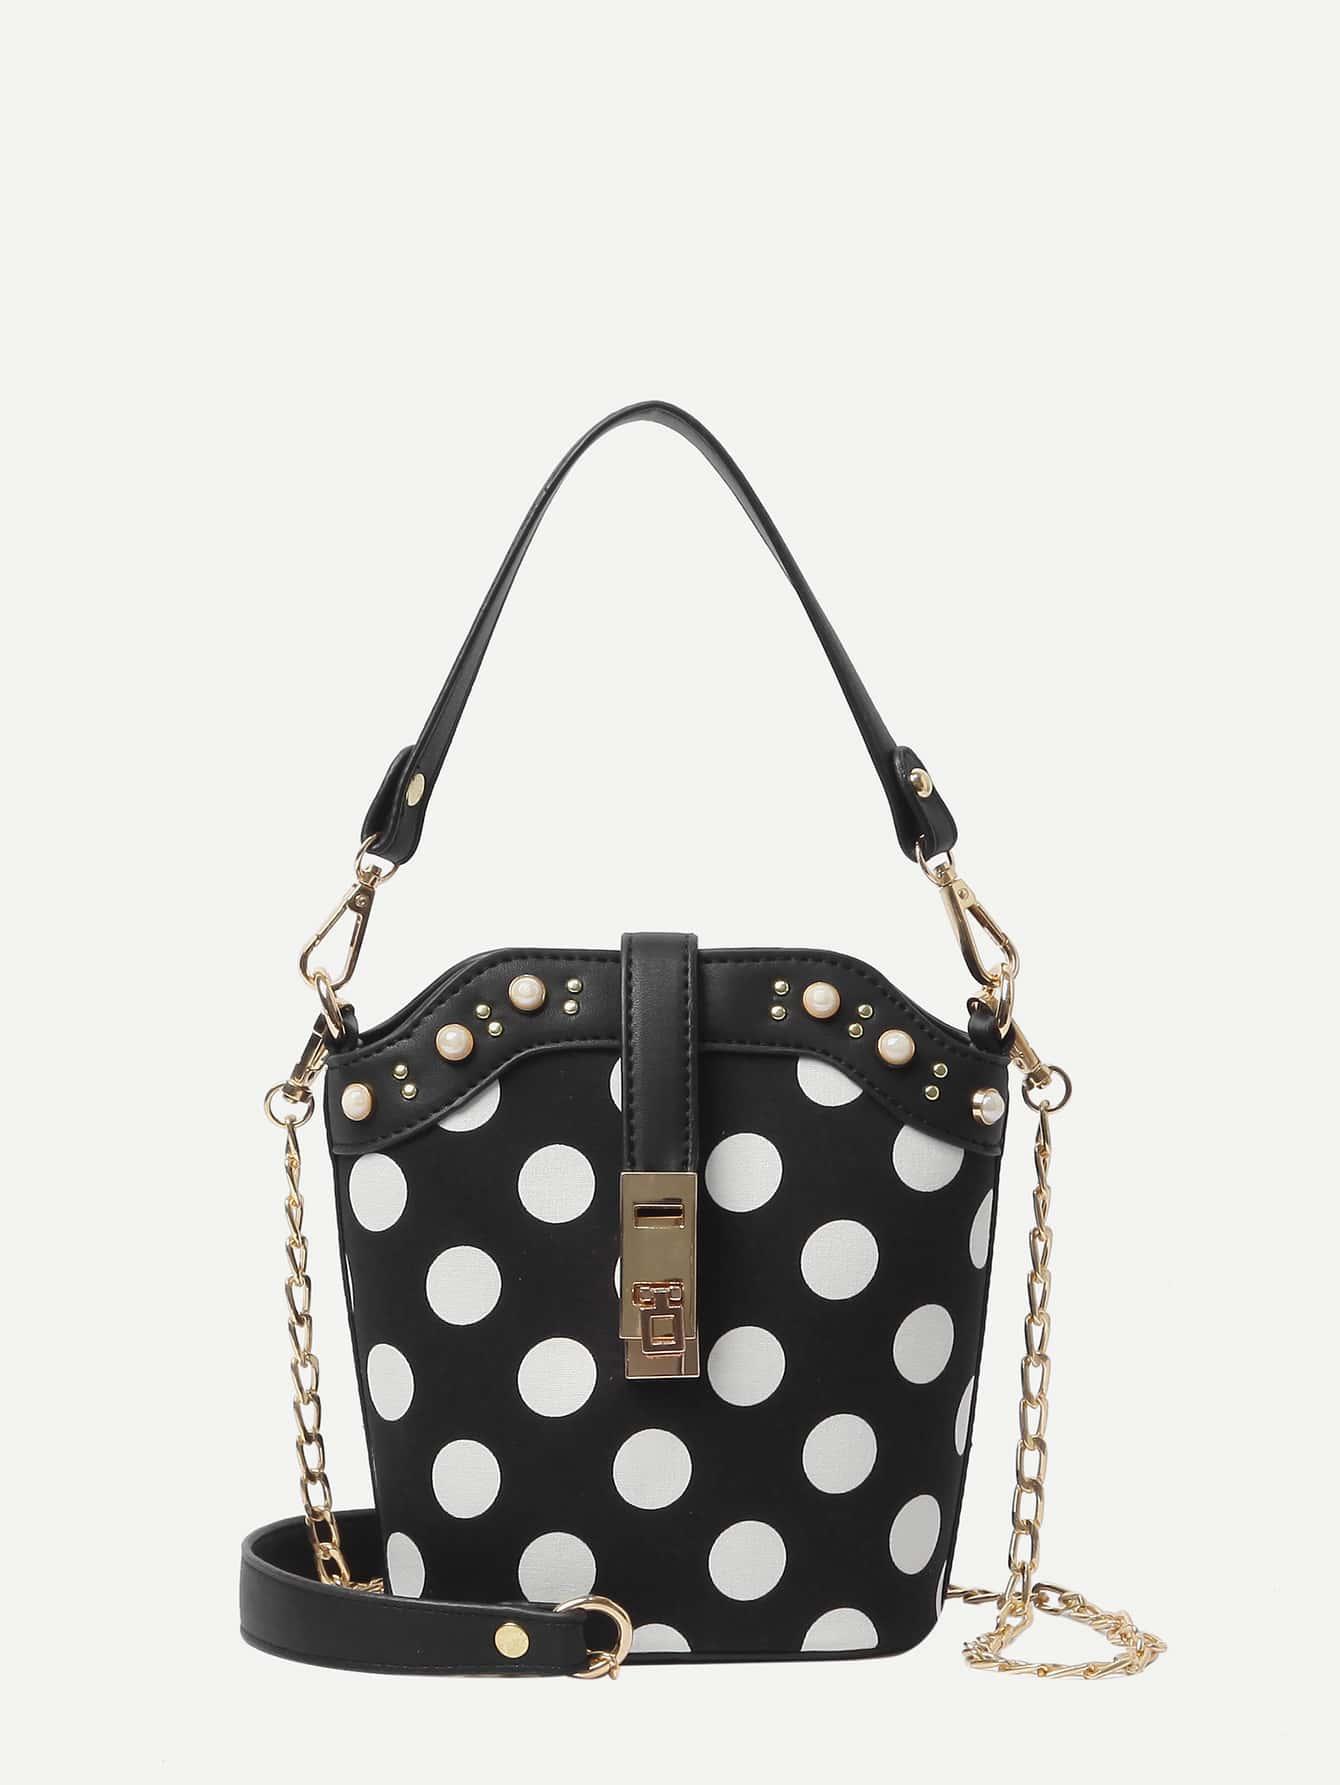 Polka Dot Tote Chain Bag